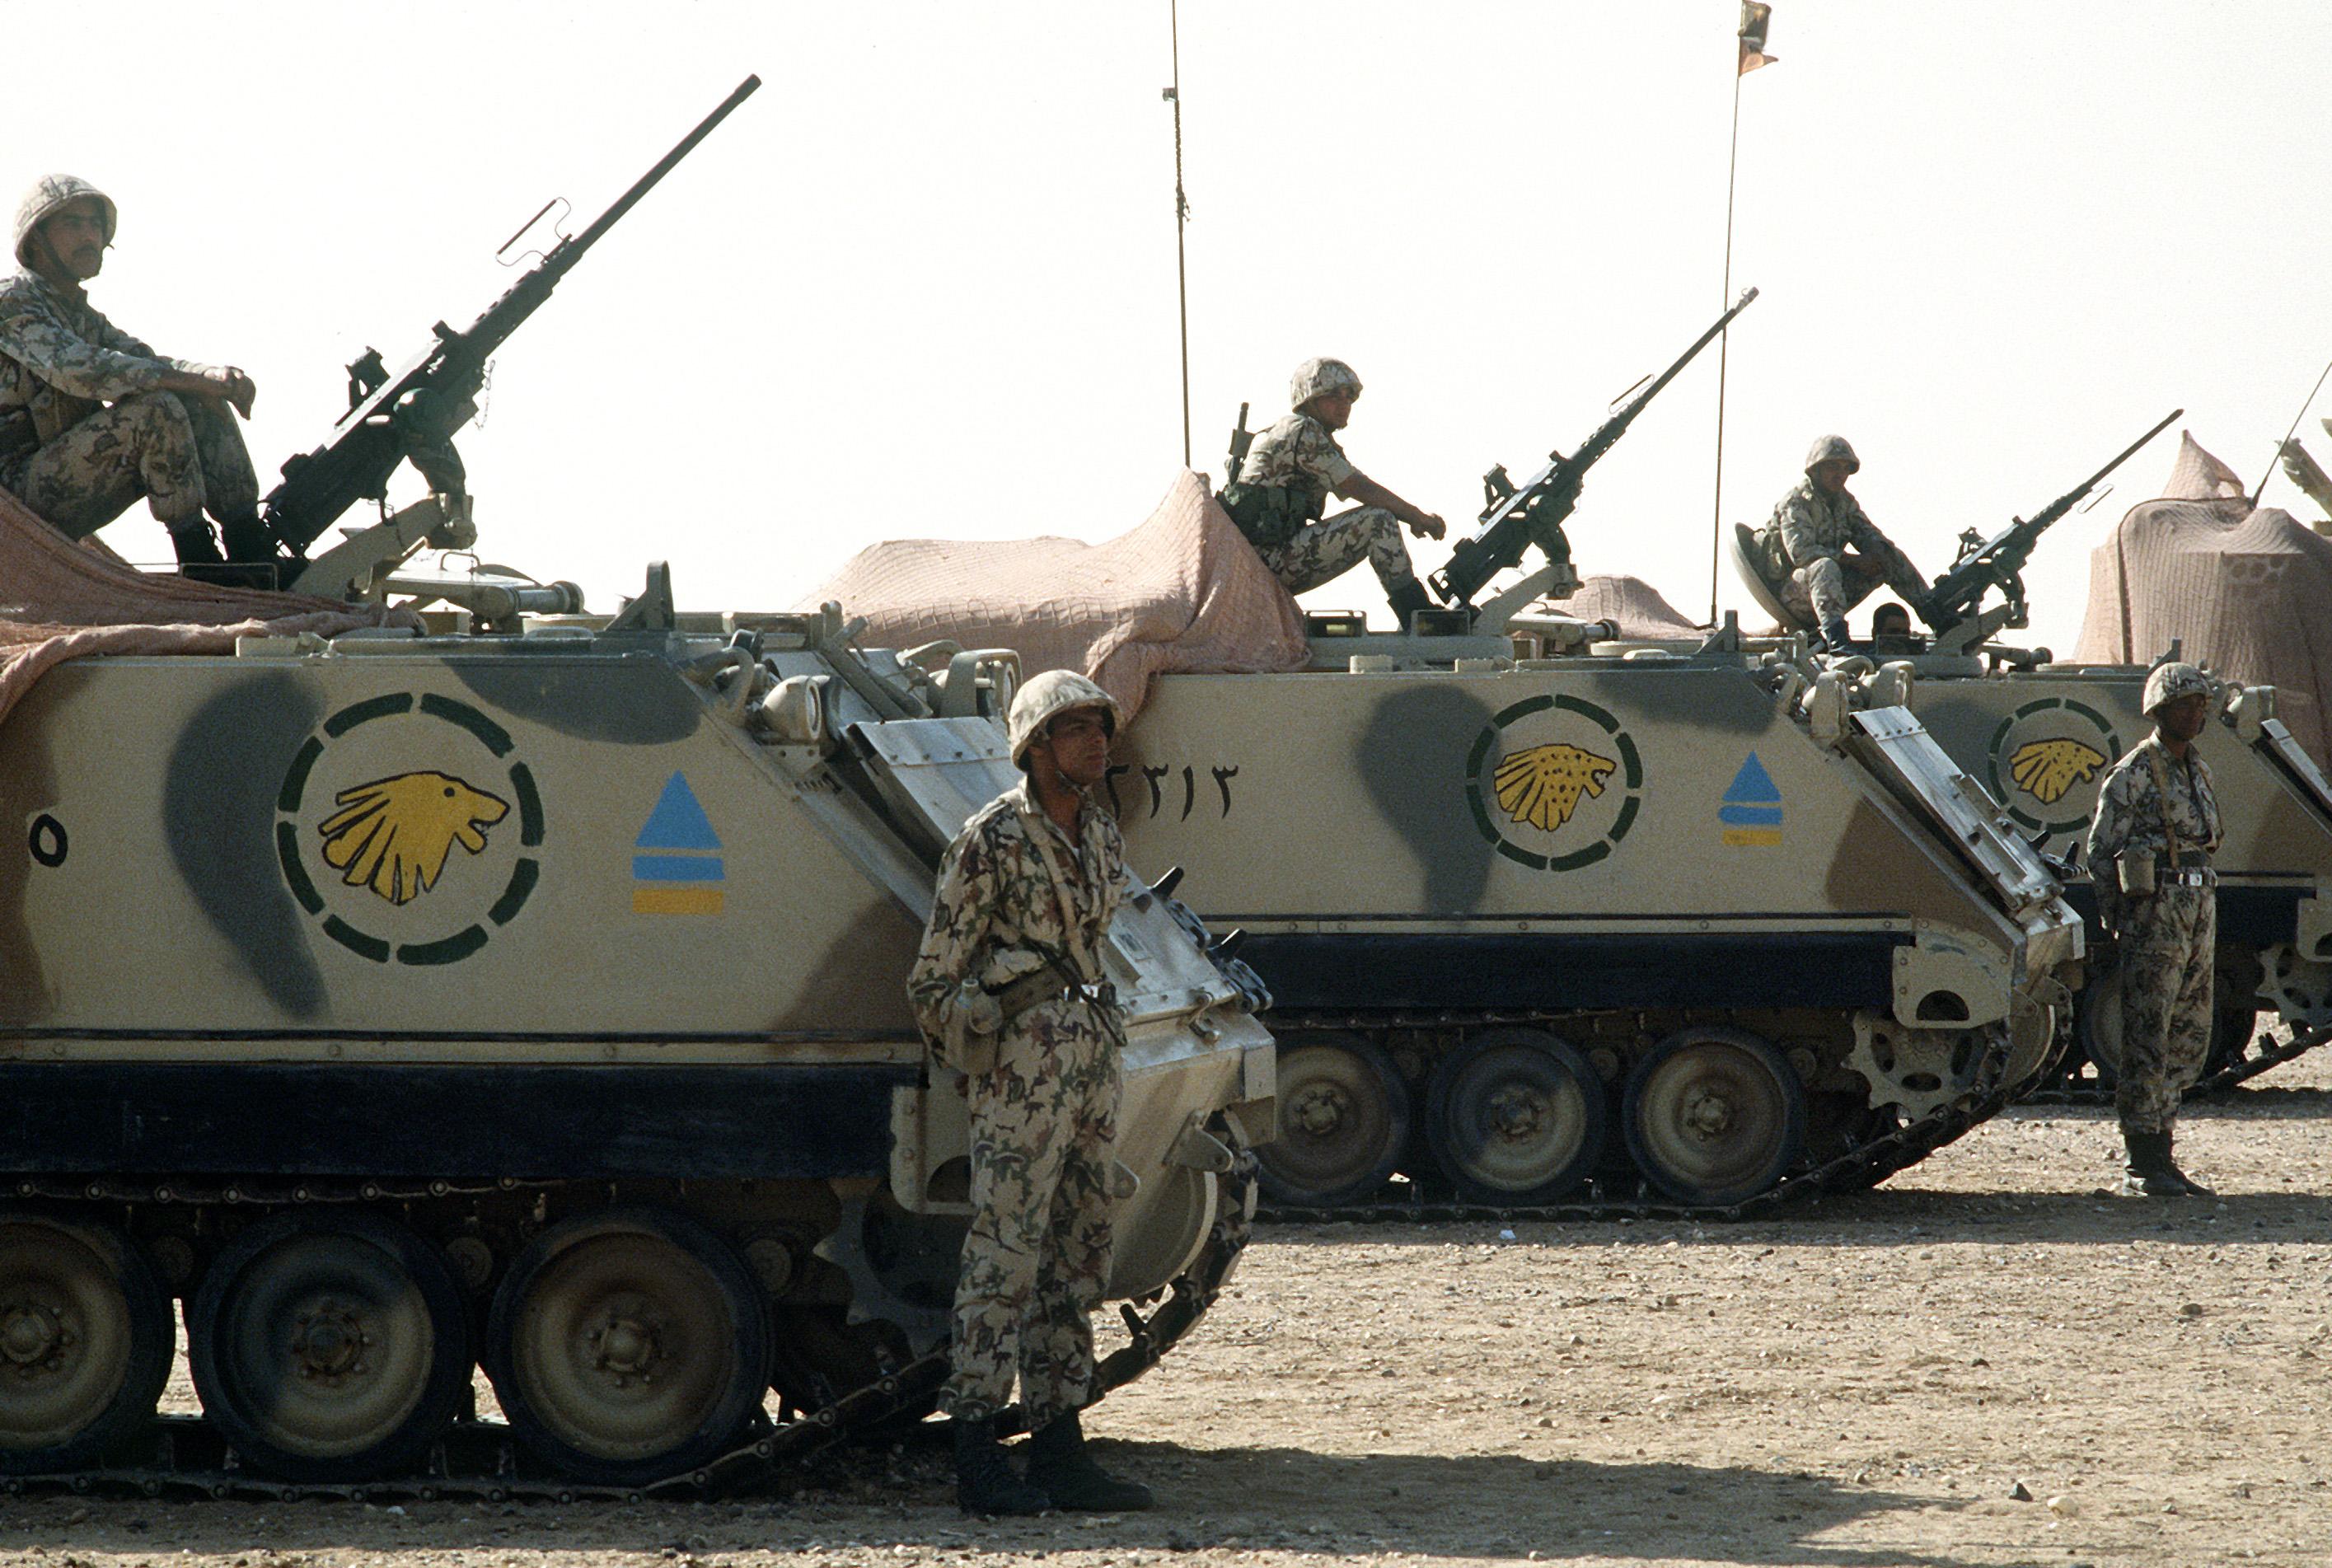 اصْطِفافٌ جنودُ الجيش المصري مع ام 113 ناقلة جنود مدرعة أثناء عملية درع الصحراء